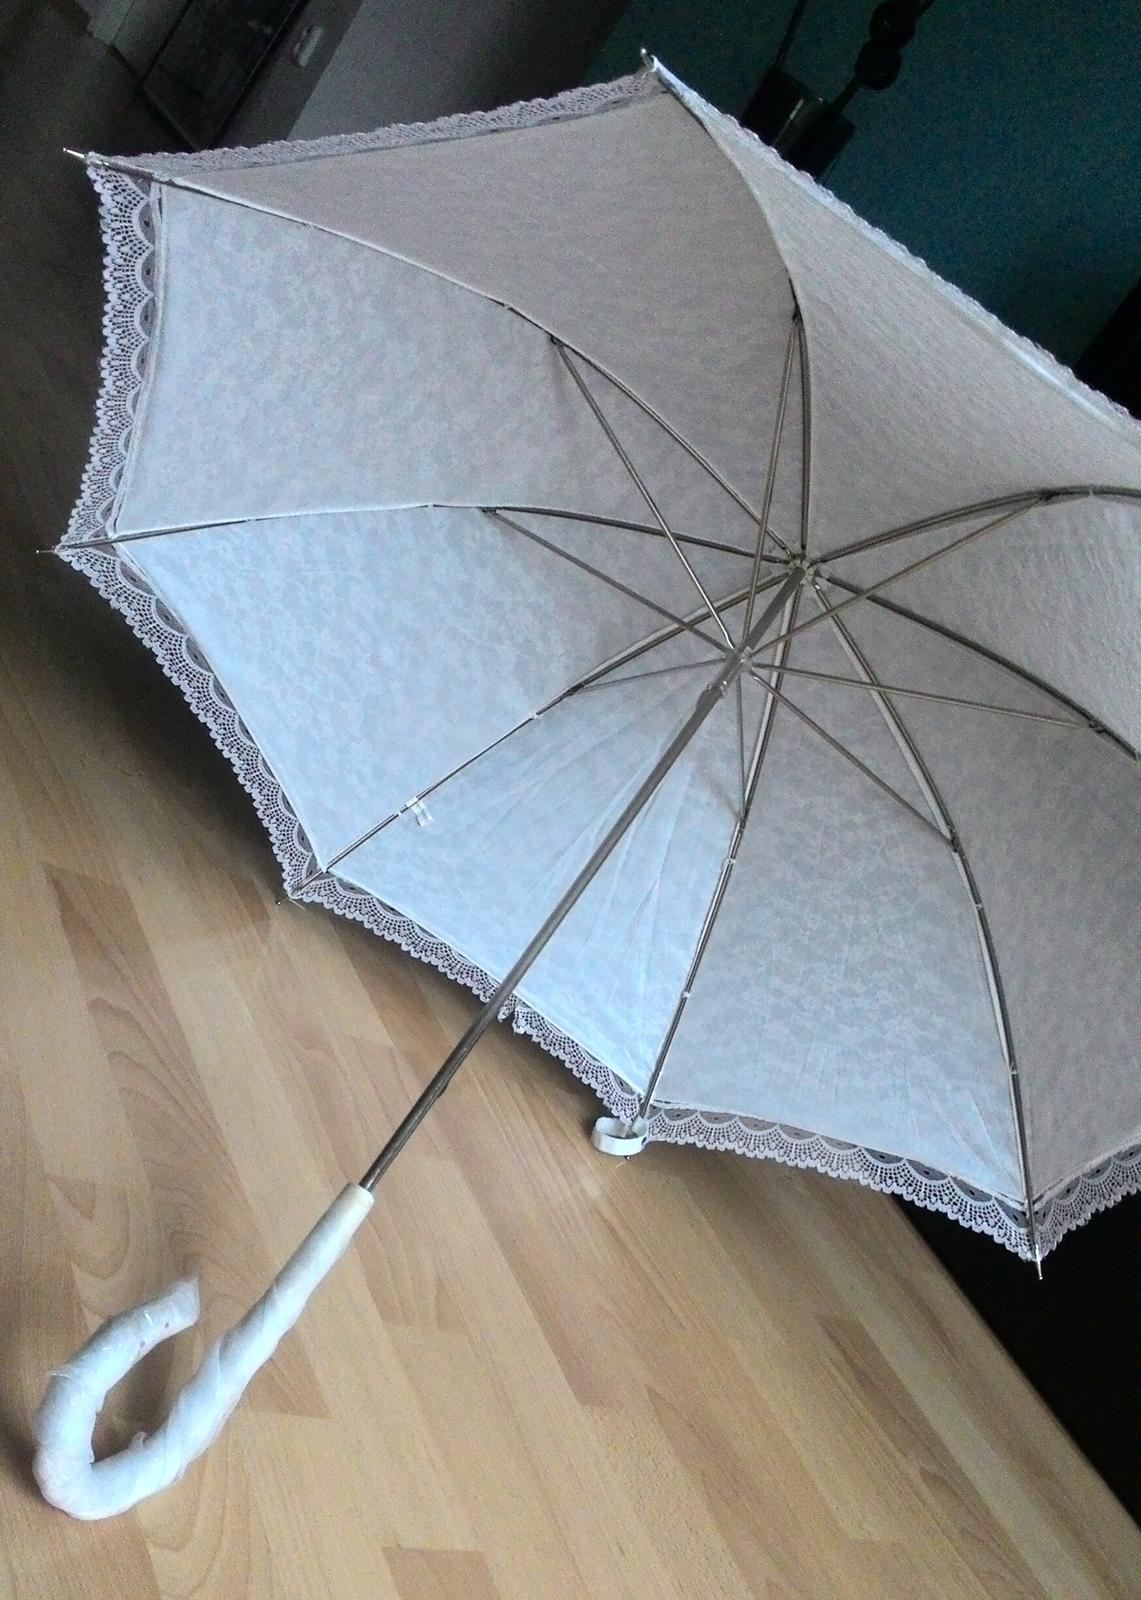 slnečník/dáždnik - Obrázok č. 1